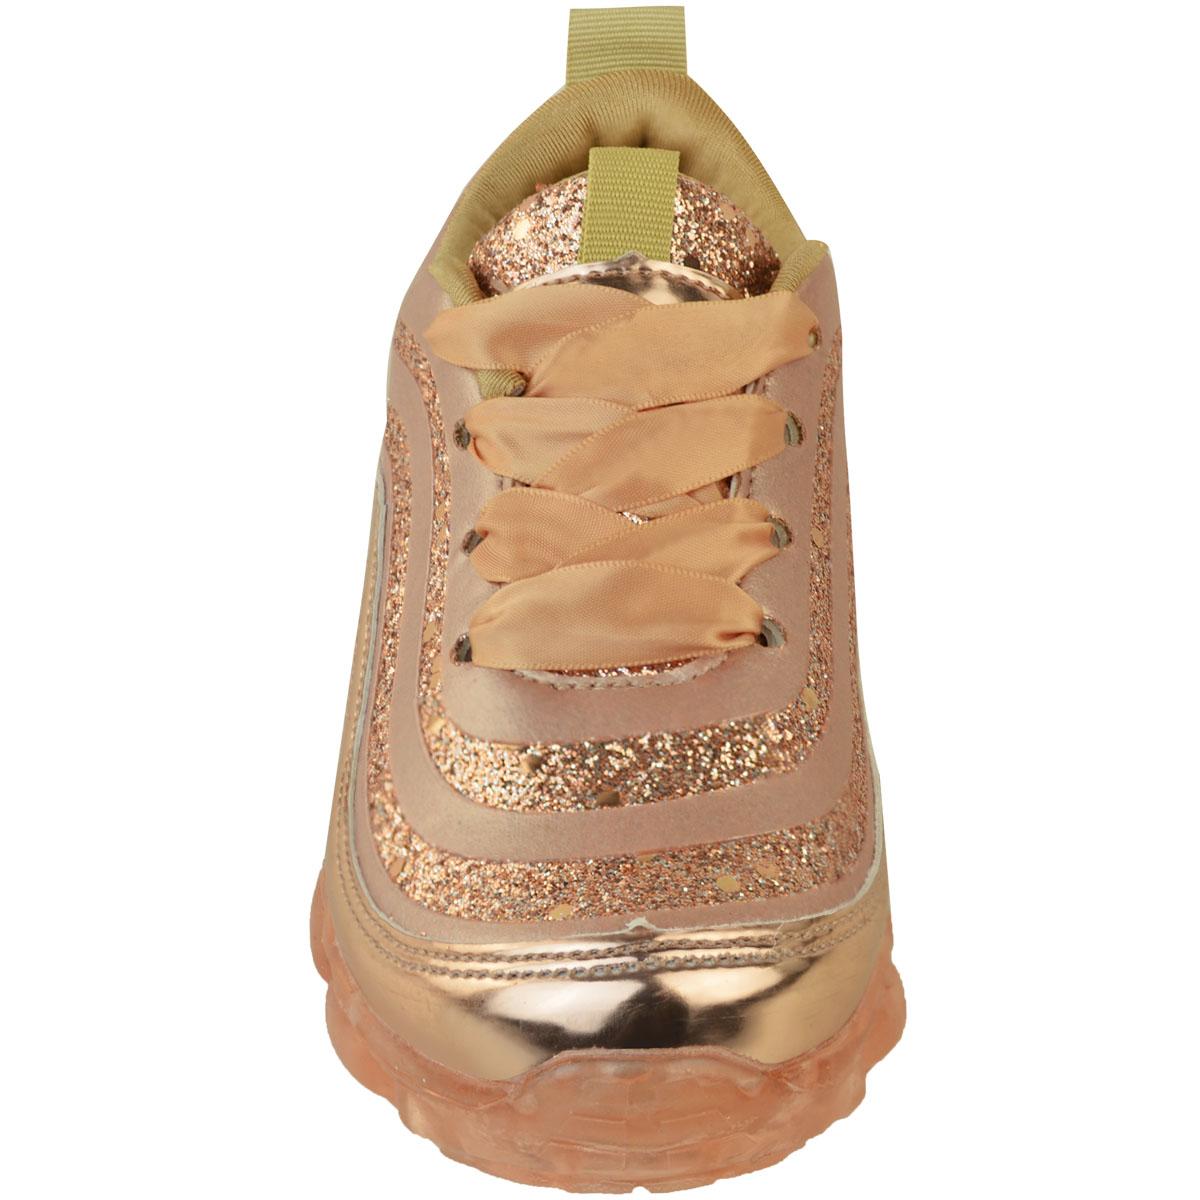 Silver-Rose-Enfants-Filles-Baskets-Parti-Paillettes-Strass-Baskets-Chaussures-De-Danse-Taille